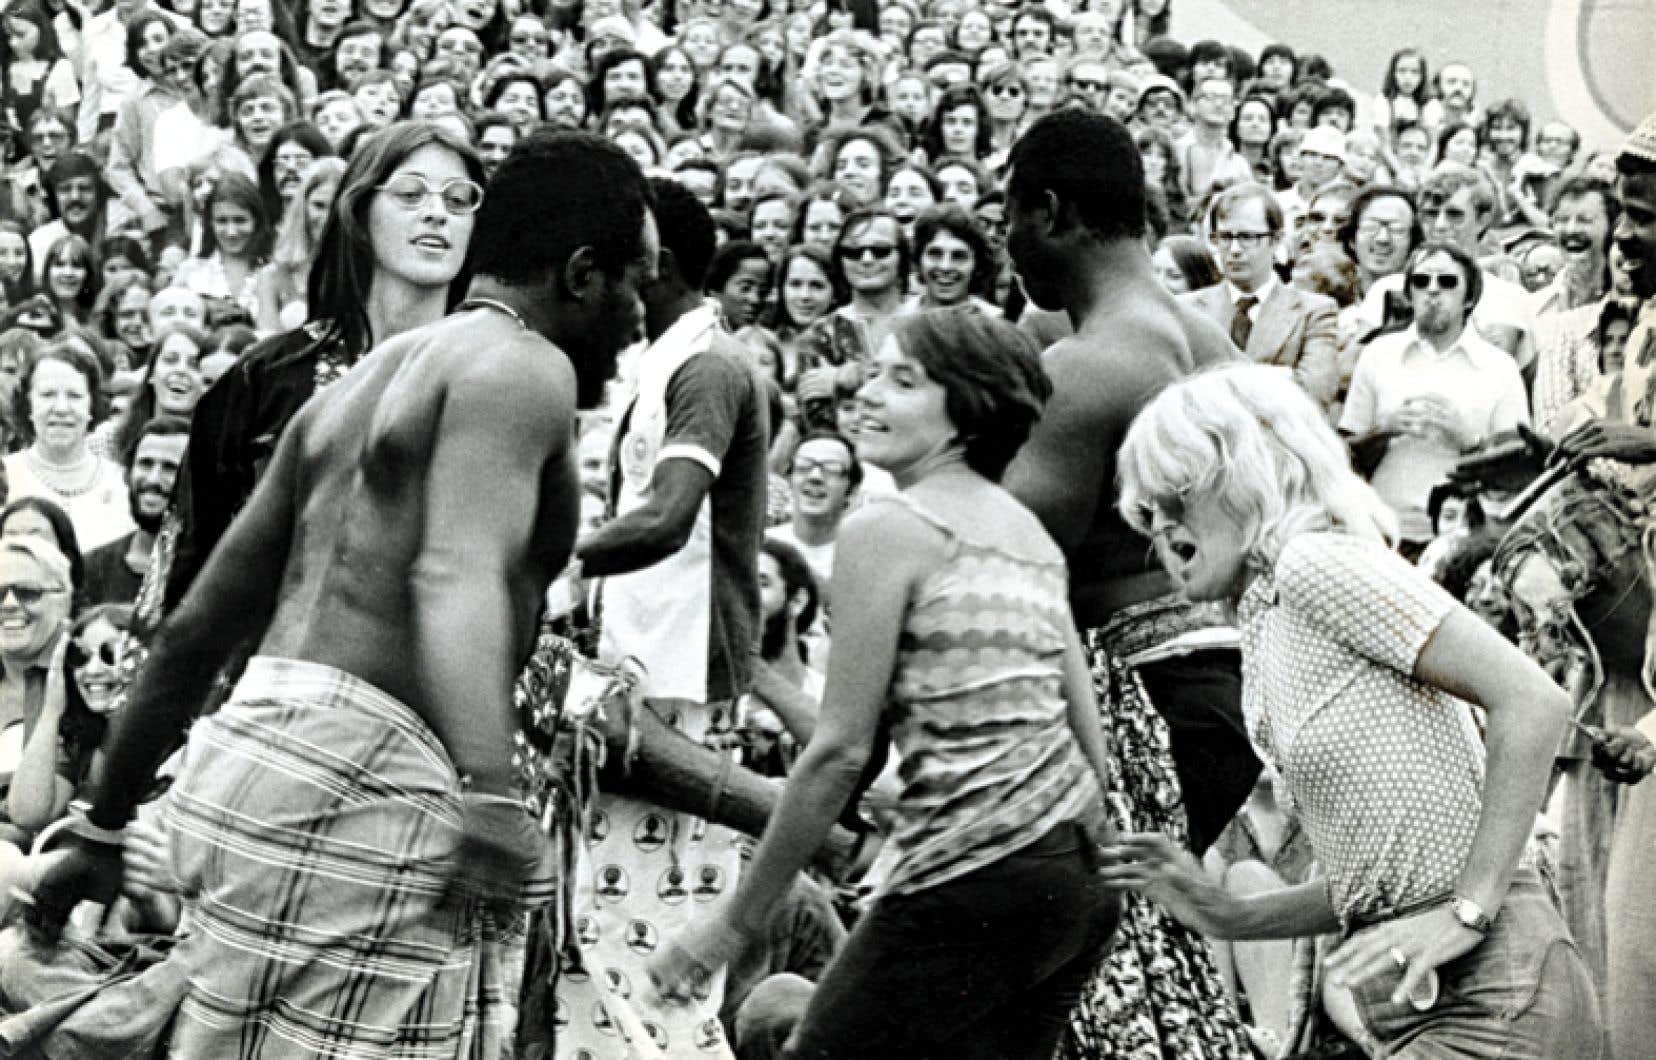 Le mélange des cultures et des rythmes a fait de la Superfrancofête une aventure mémorable pour les habitants de la Vieille Capitale.